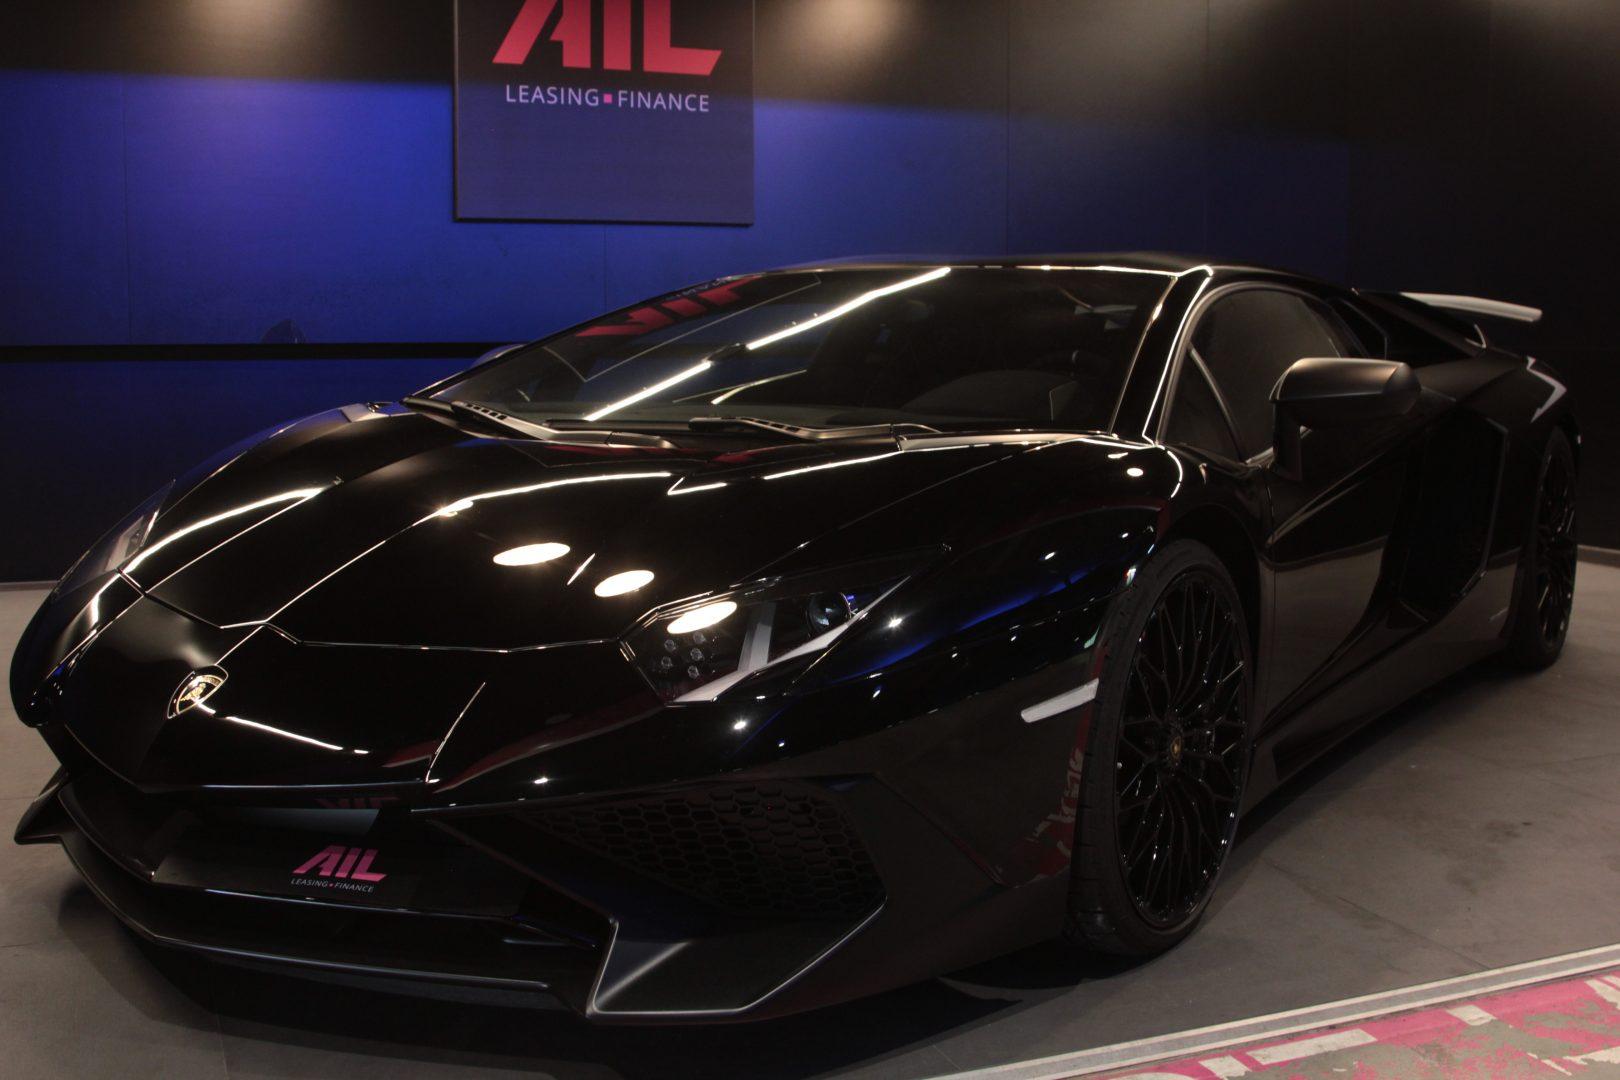 AIL Lamborghini Aventador LP750-4 SV Superveloce  9